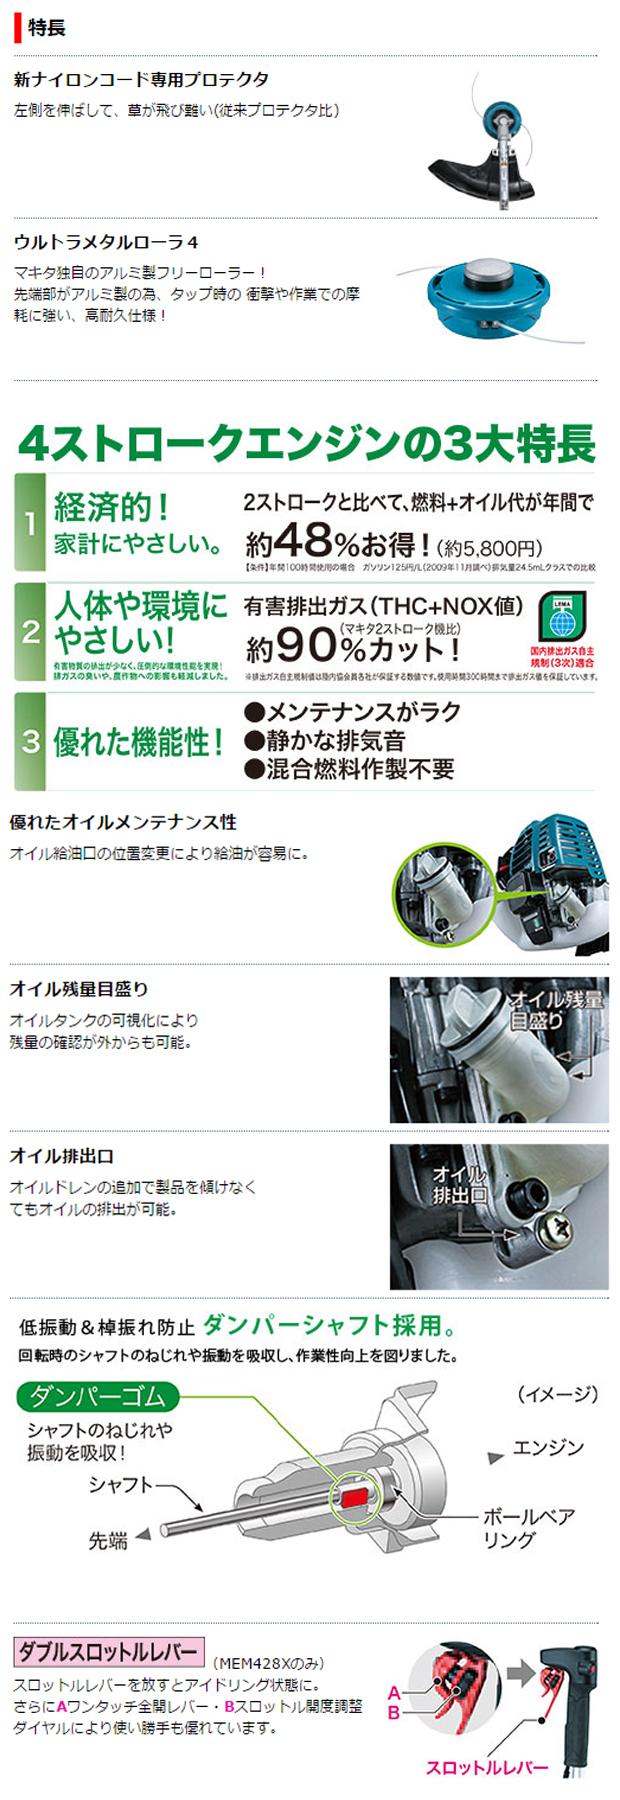 マキタ エンジン刈払機MEM428XC